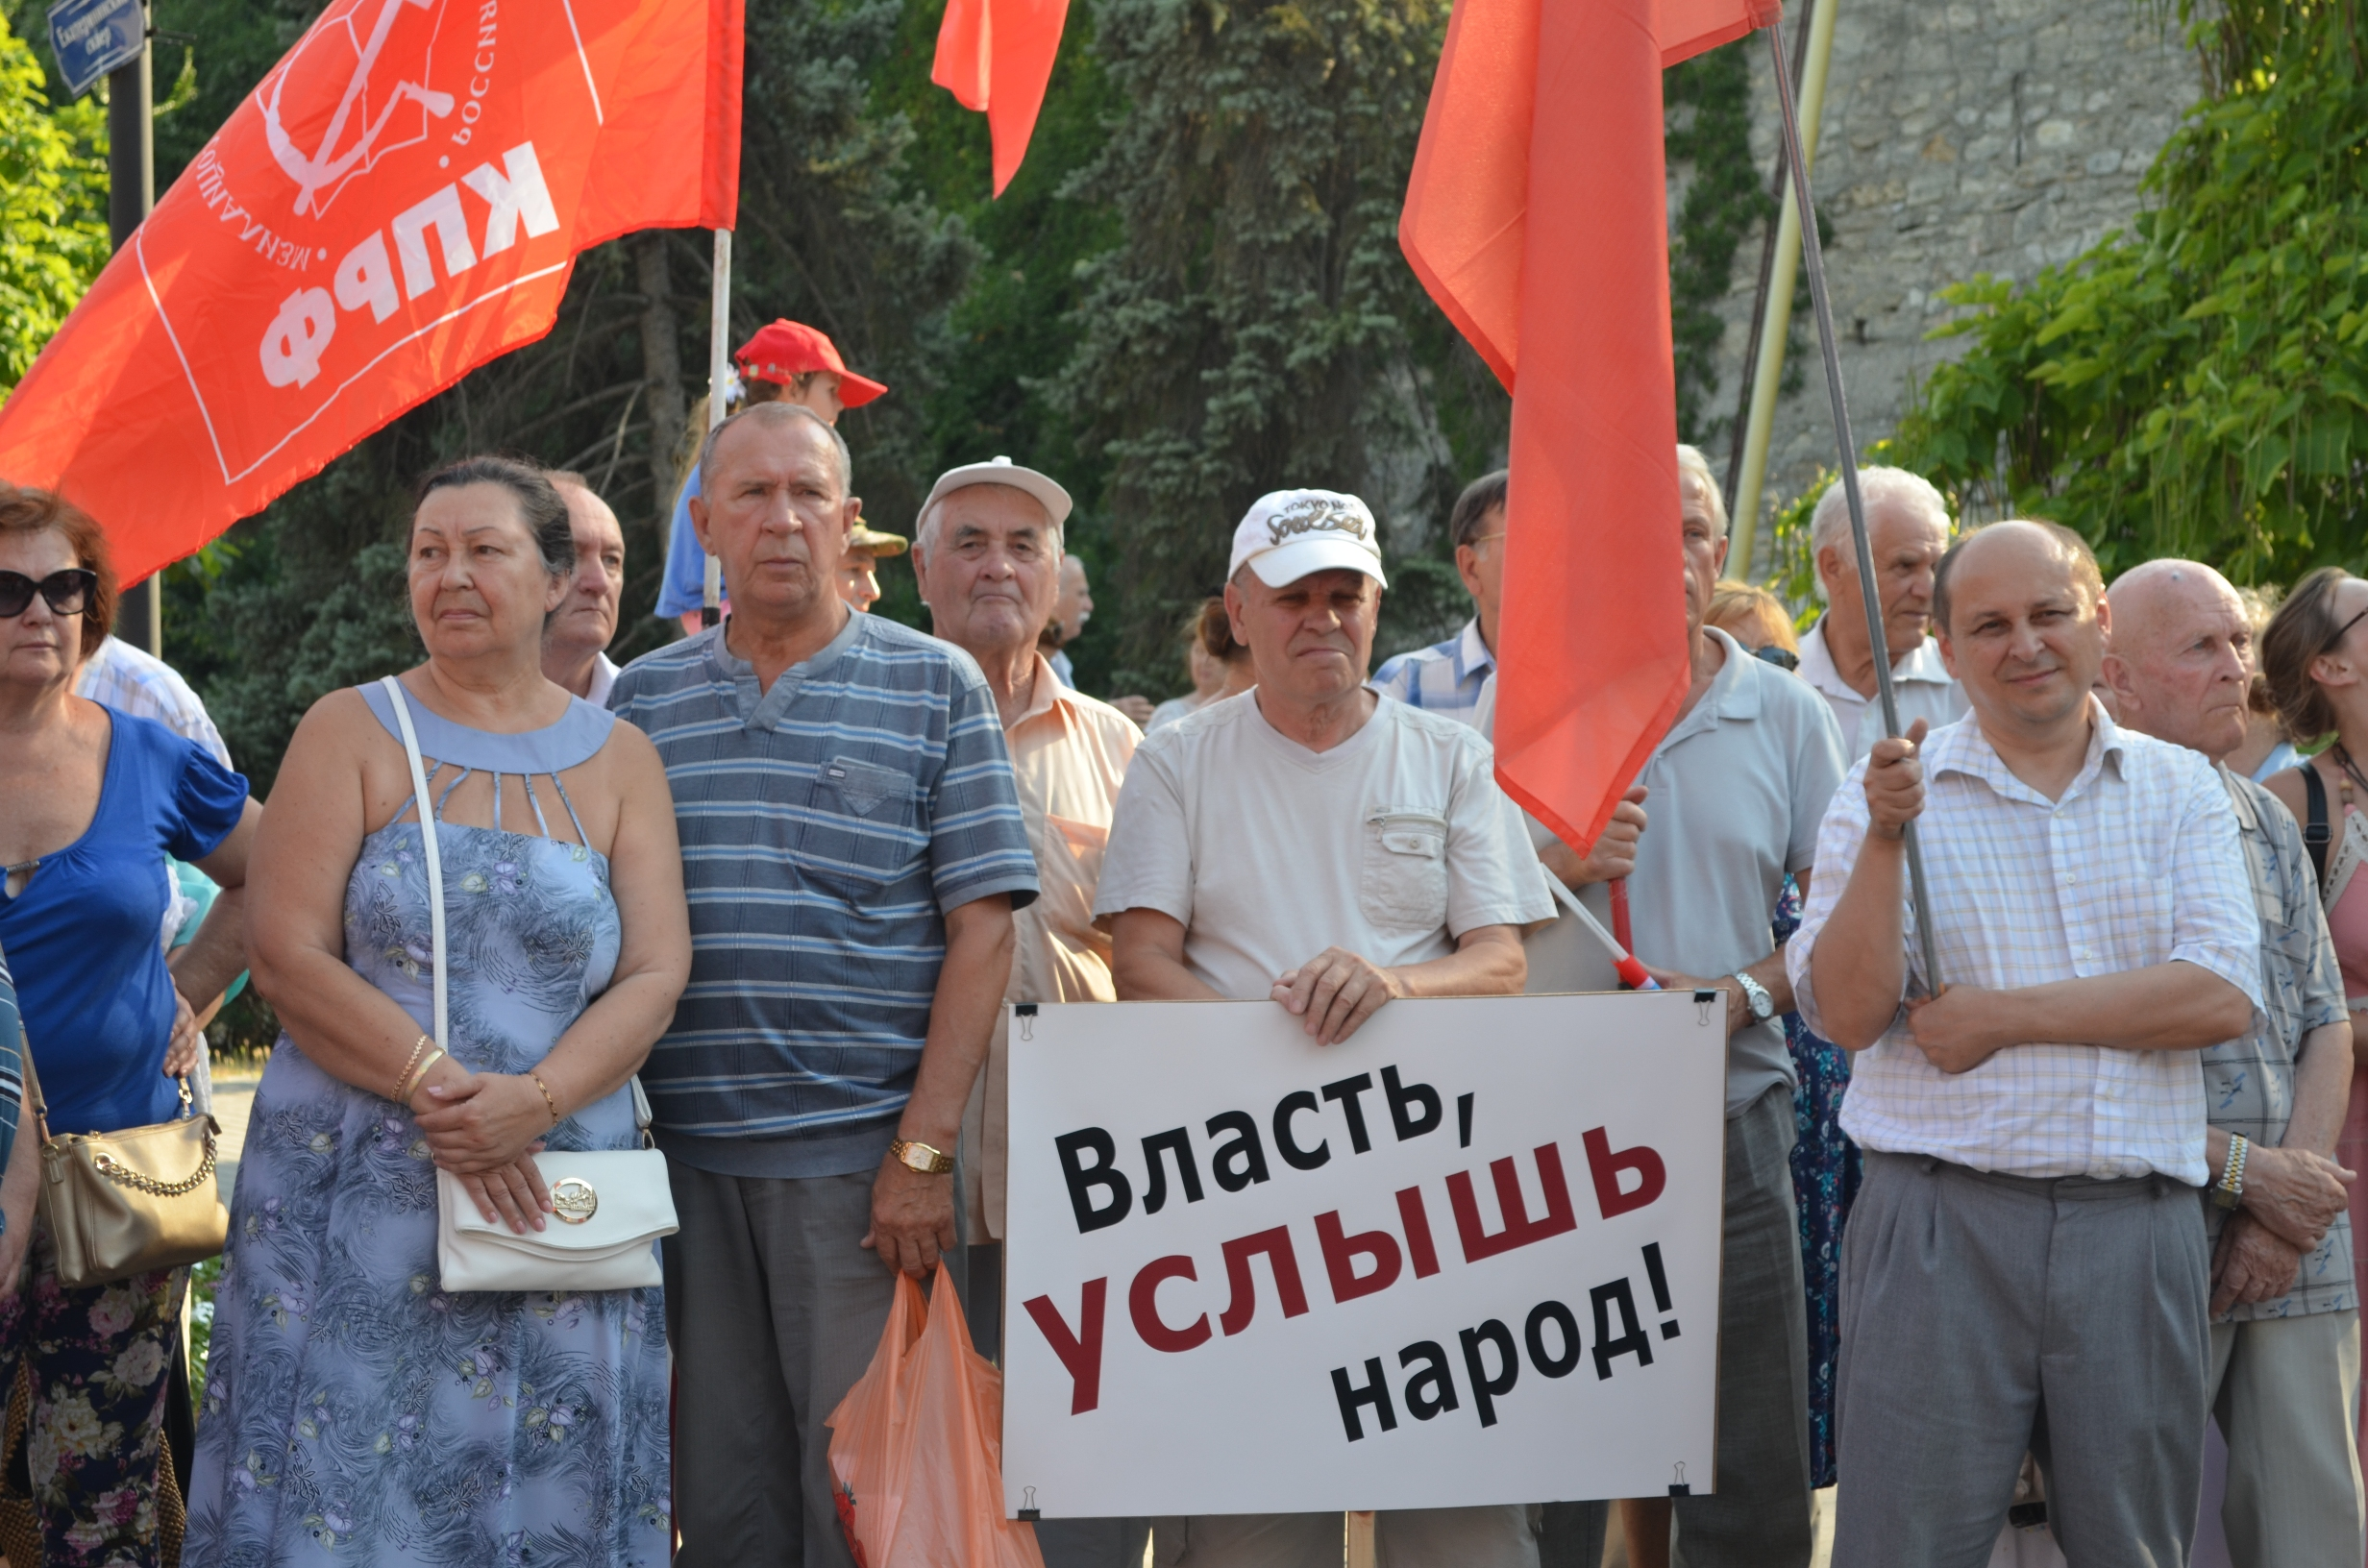 20170804-Антисоветизм в Севастополе не пройдёт- севастопольцы вышли на митинг против памятника примирению-pic2